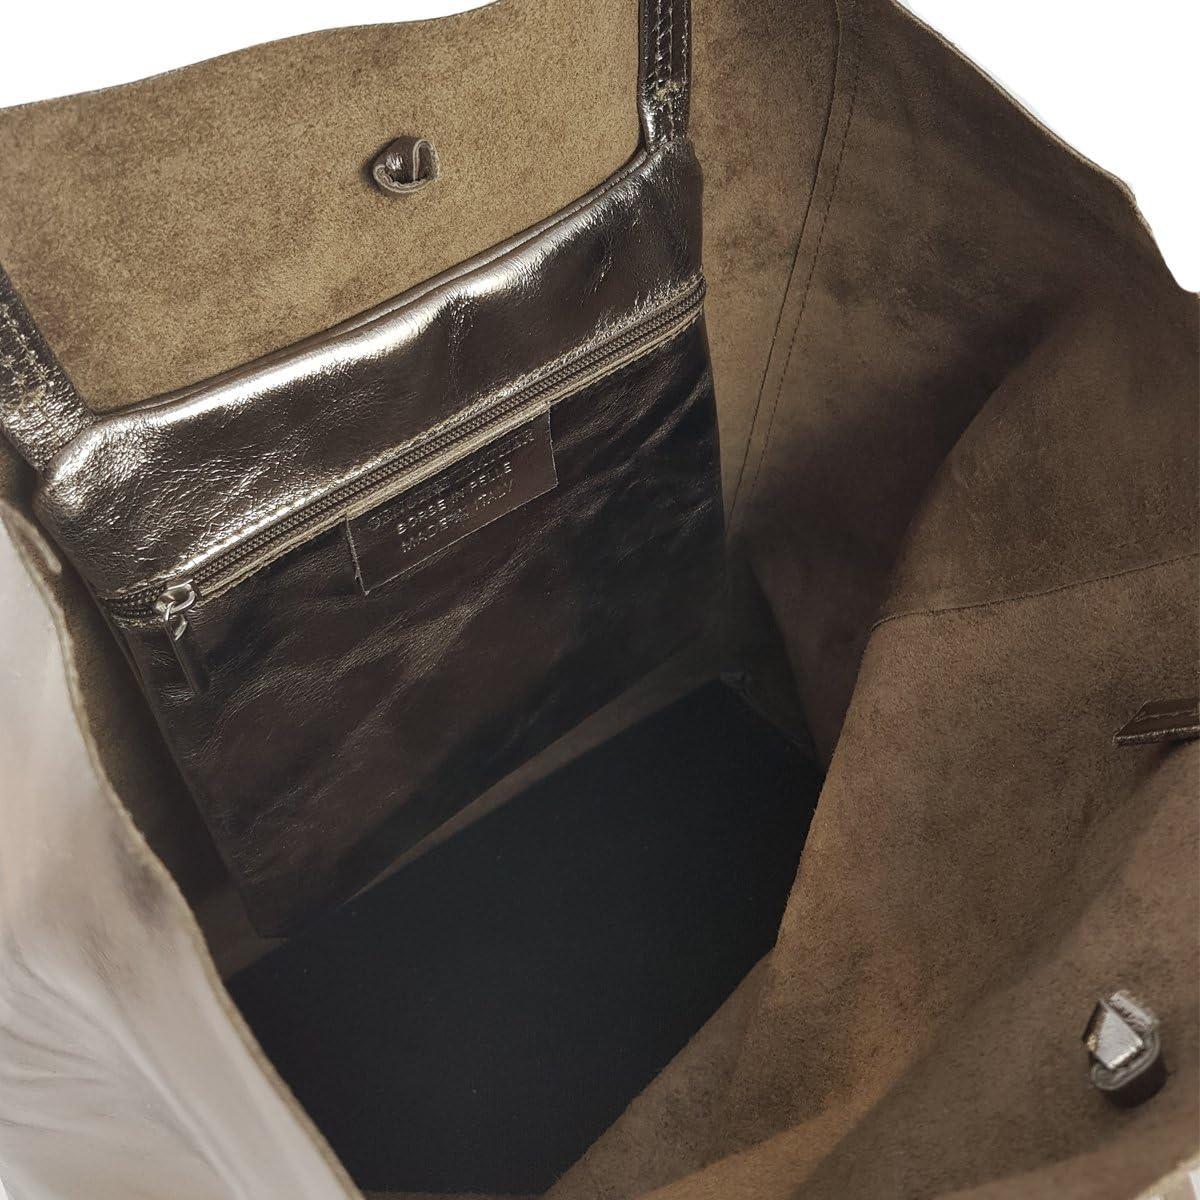 Freyday Sac cabas en cuir véritable pour femme avec poche intérieure dans de nombreuses couleurs, sac à bandoulière, look métallique Laiton Métallisé